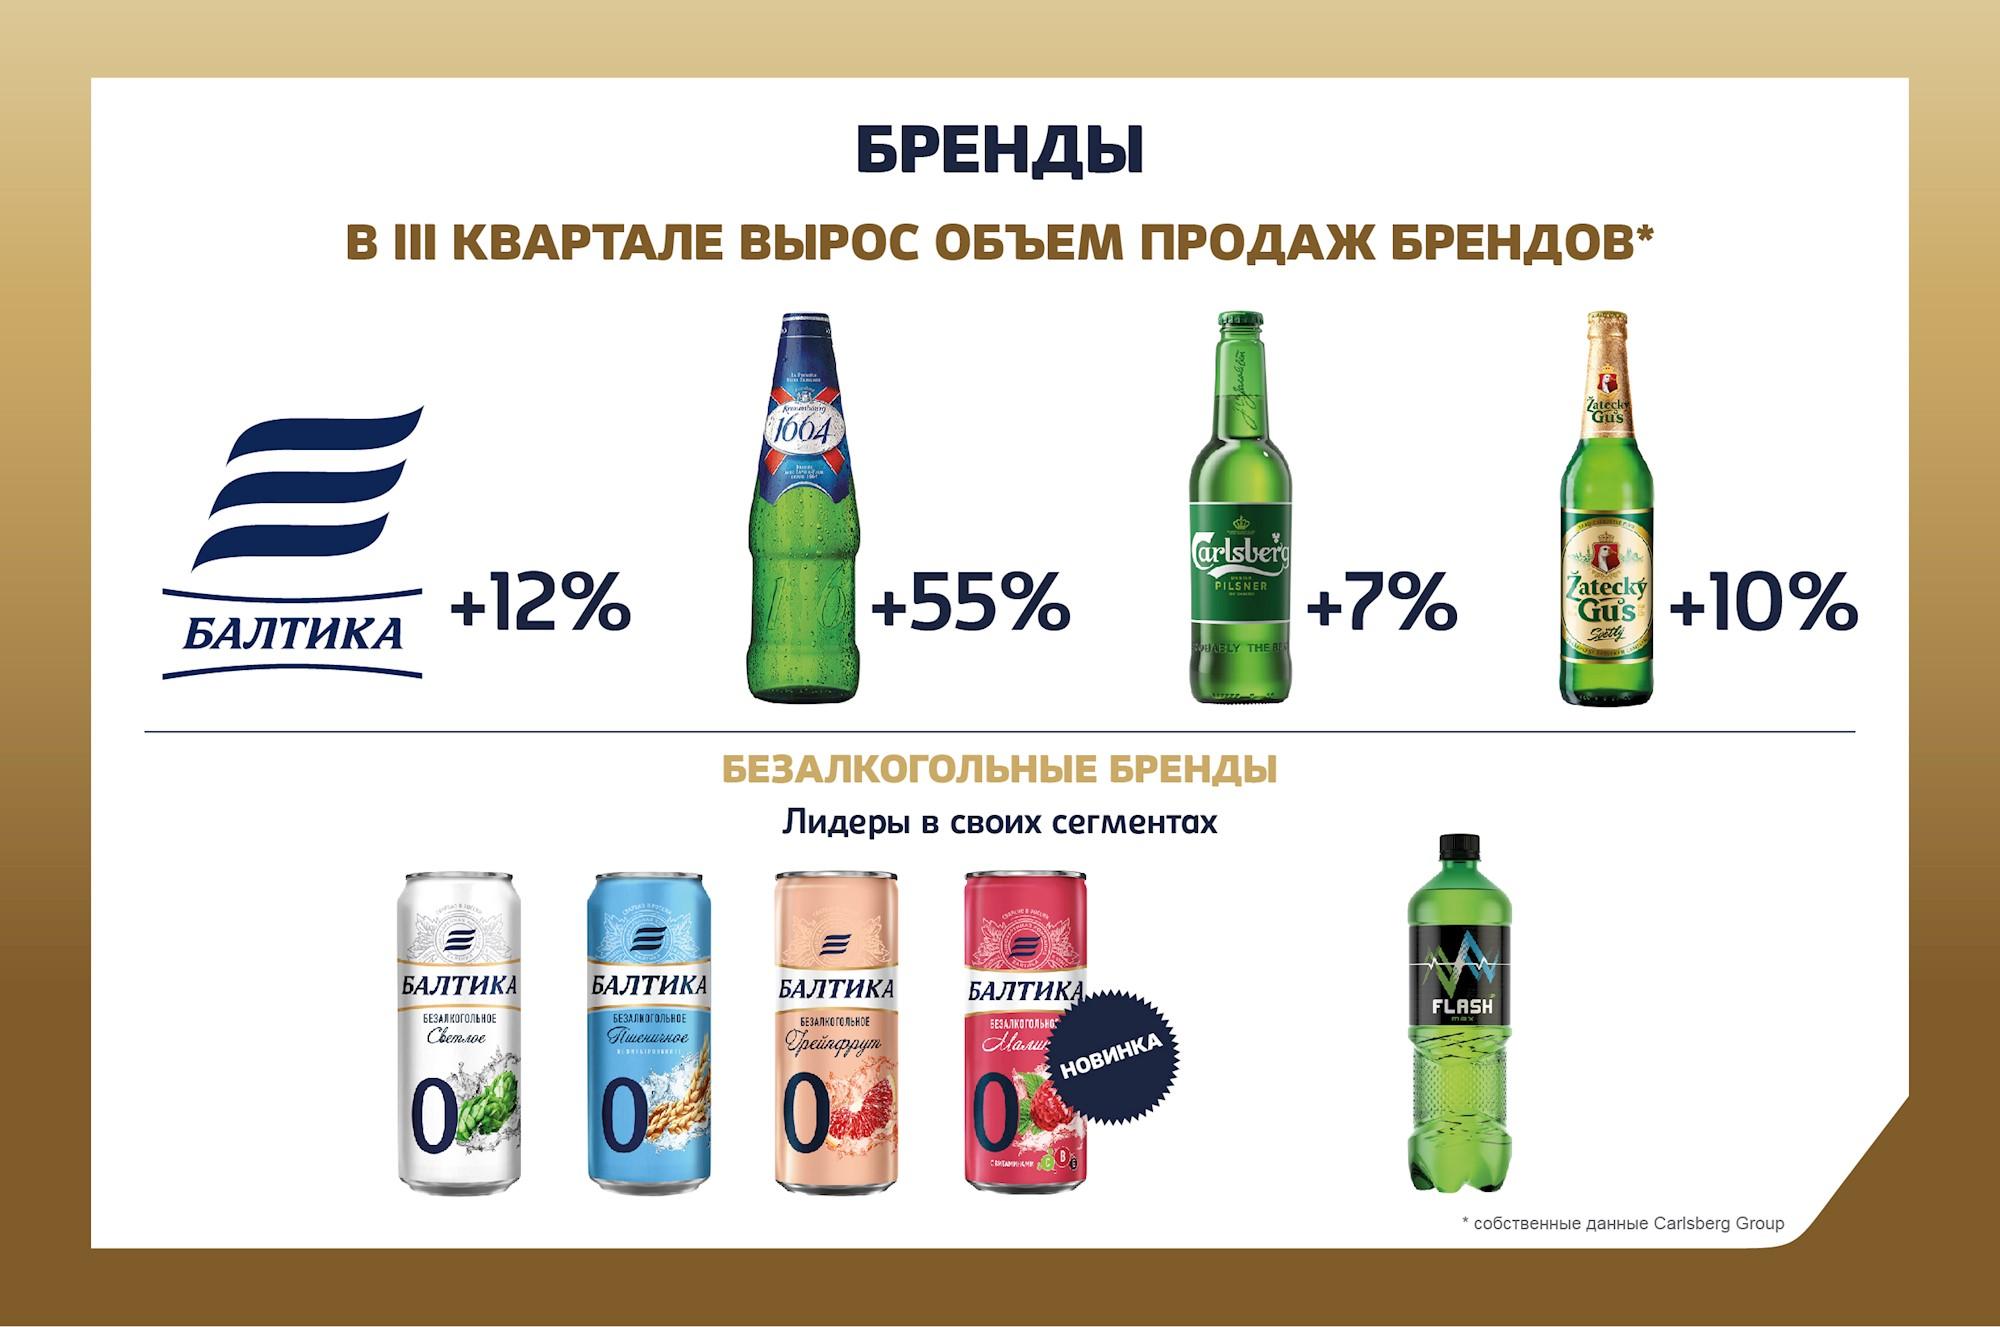 Пивоваренная компания «Балтика» в III квартале 2020 года увеличила объем продаж на 19%